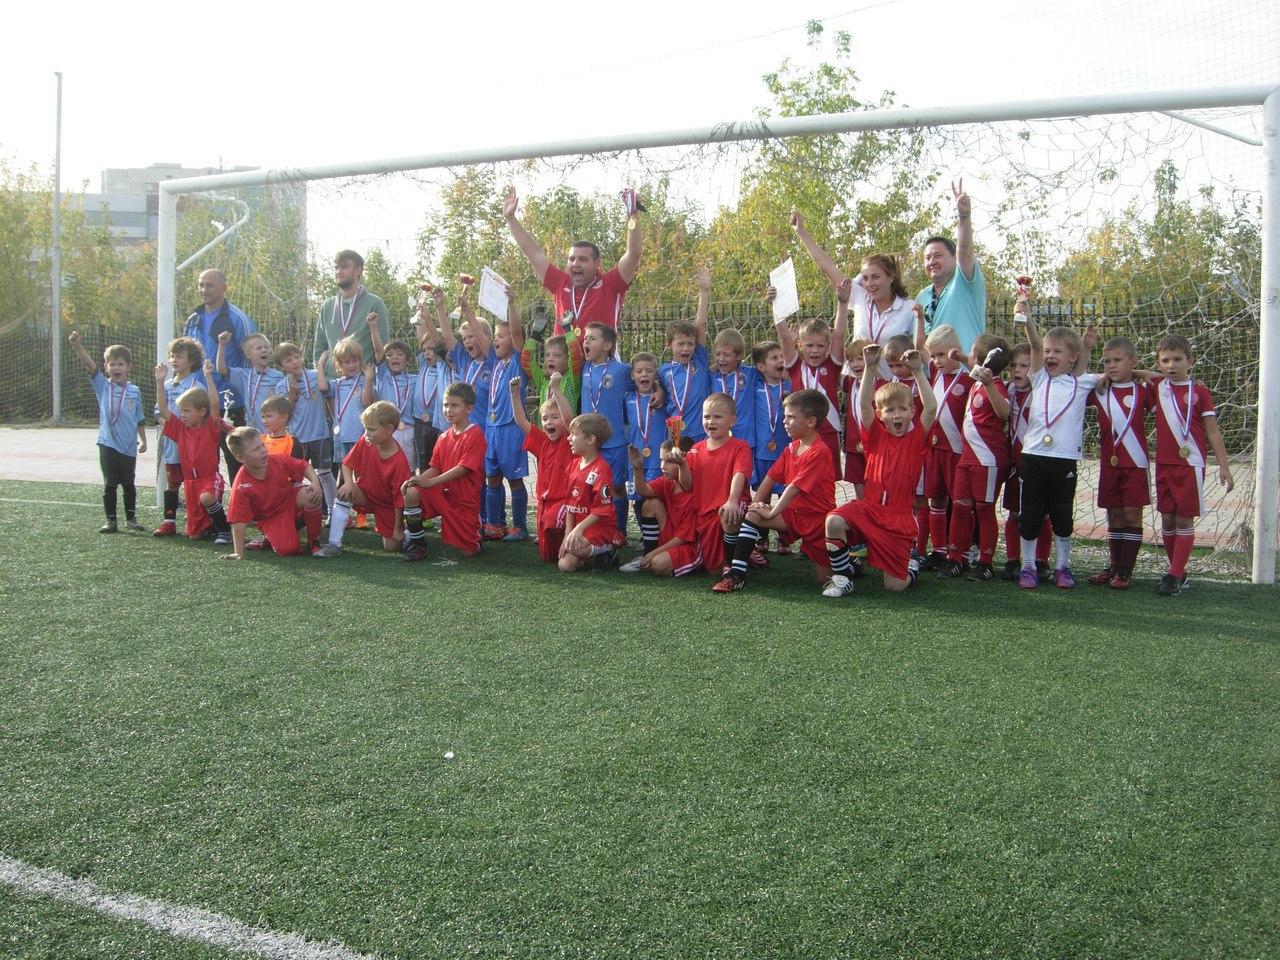 Приглашаем принять участие в турнире по футболу «Весенний Кубок Подольска-2018» среди детских команд 2007 г.р.